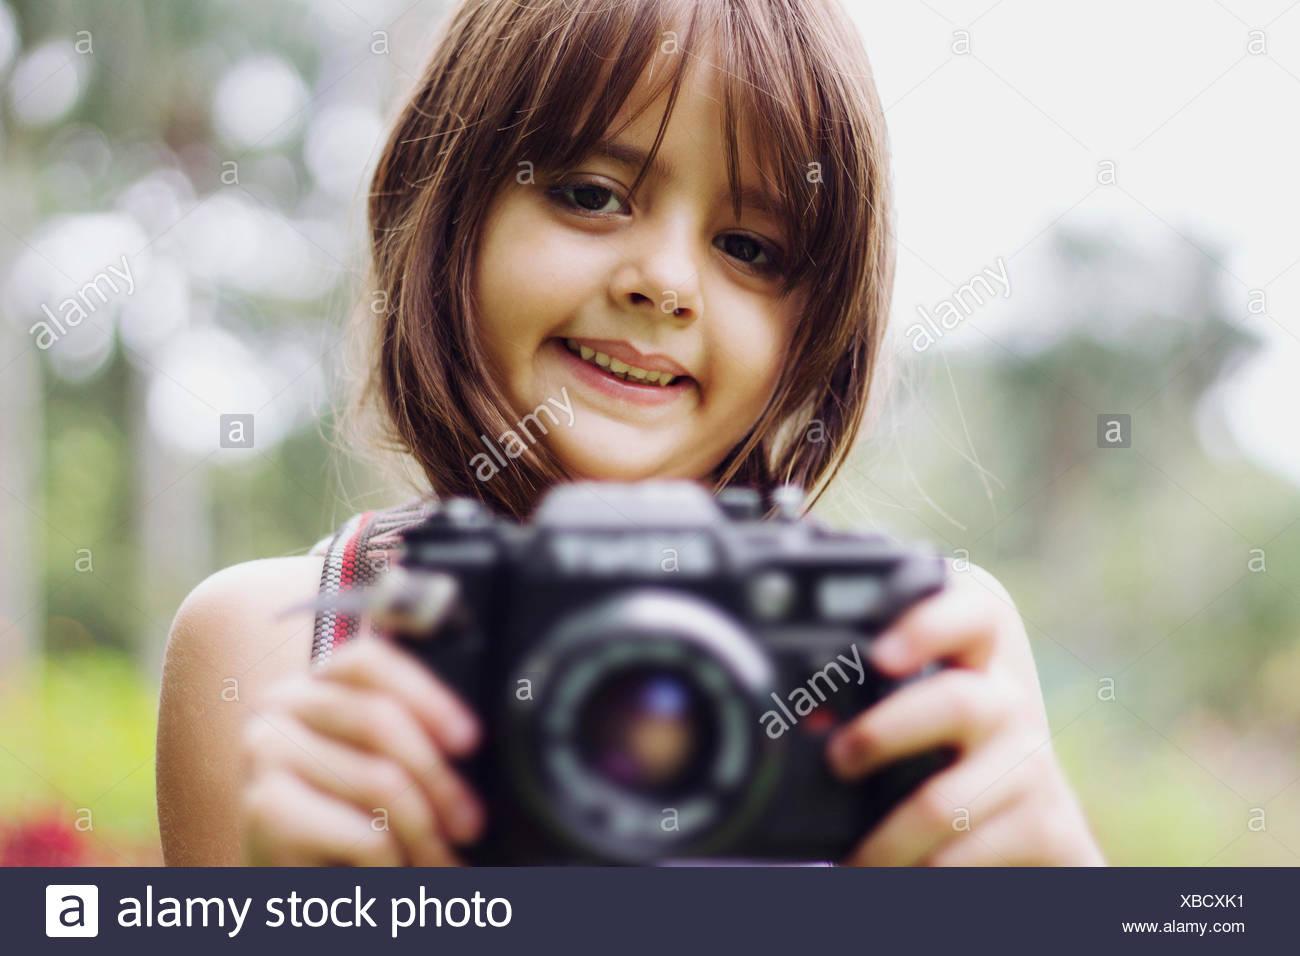 Ritratto di una ragazza sorridente tenere la fotocamera all'aperto Immagini Stock